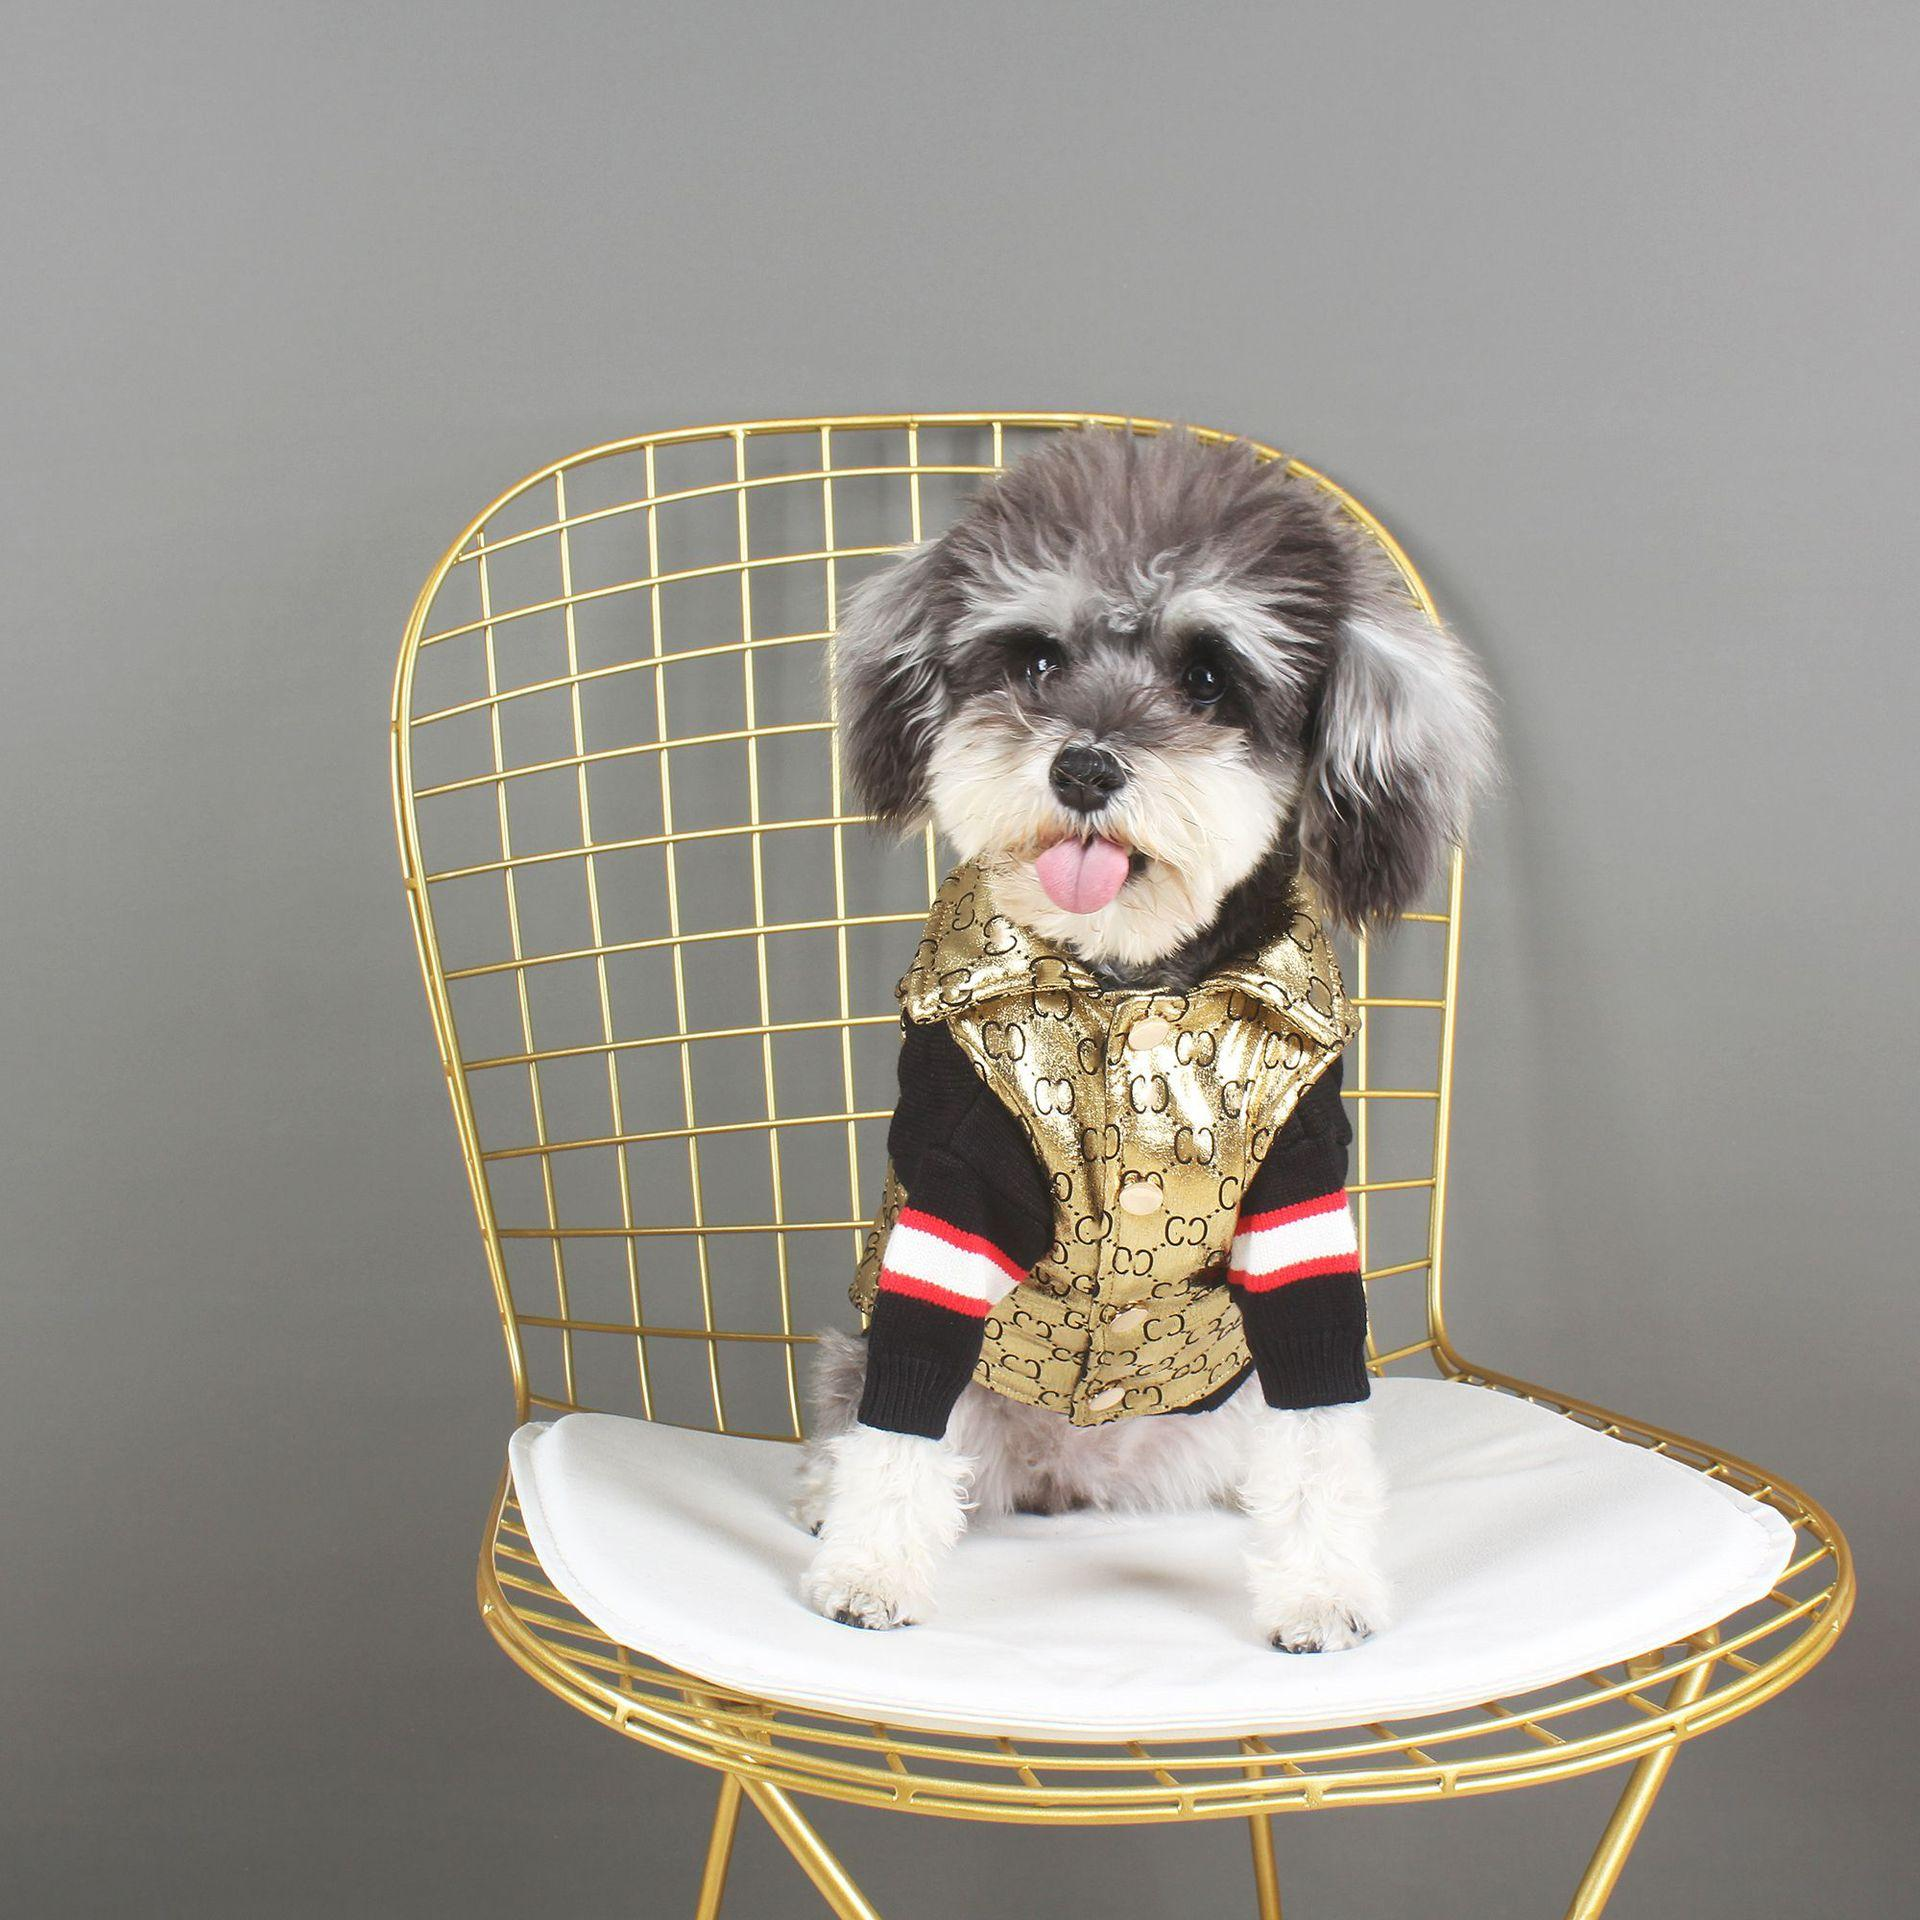 أزياء لامعة ذهبية الحيوانات الأليفة القطن الصدرية أوروبا وأمريكا الساخن الكلاب القطط معاطف بلدغ أفطس العصرية الحيوانات الأليفة Appearl الكلب لوازم بالجملة